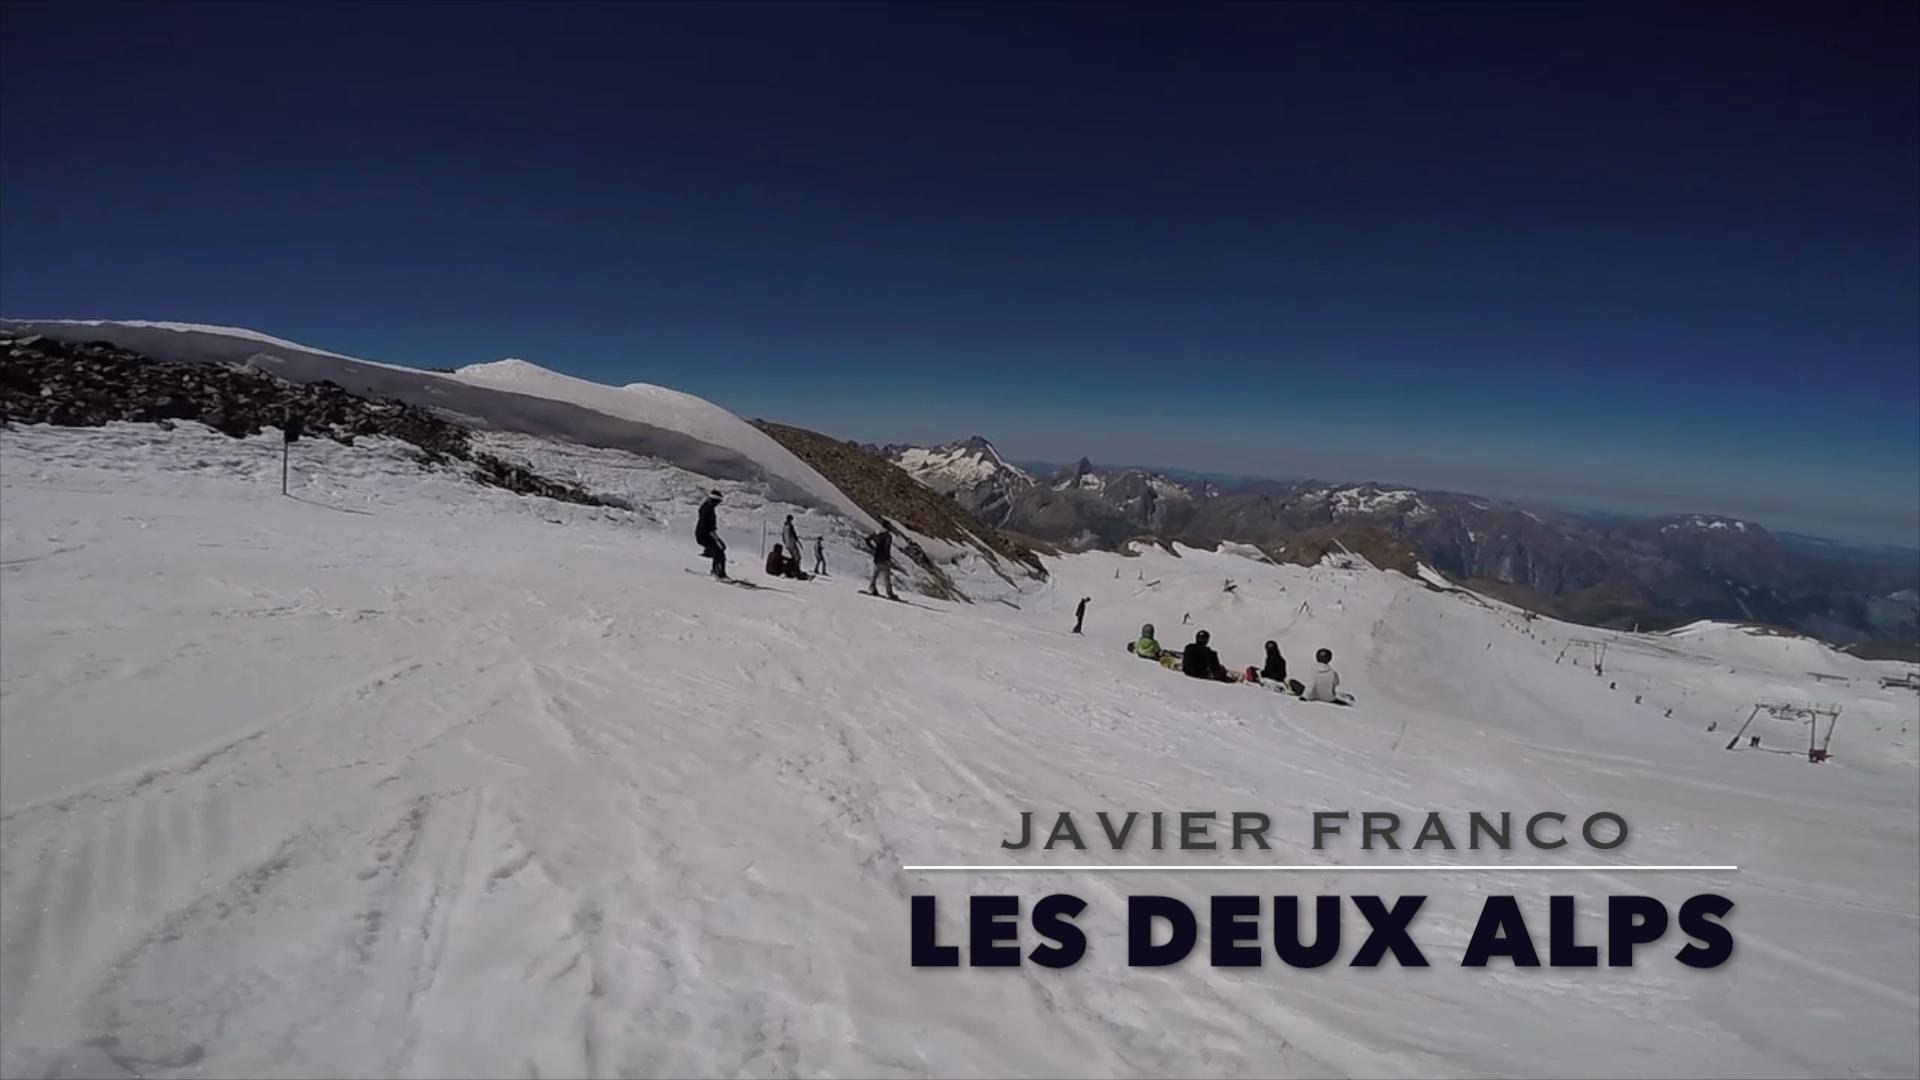 Viaje de Javier Franco a Les Deux Alps, verano 2016